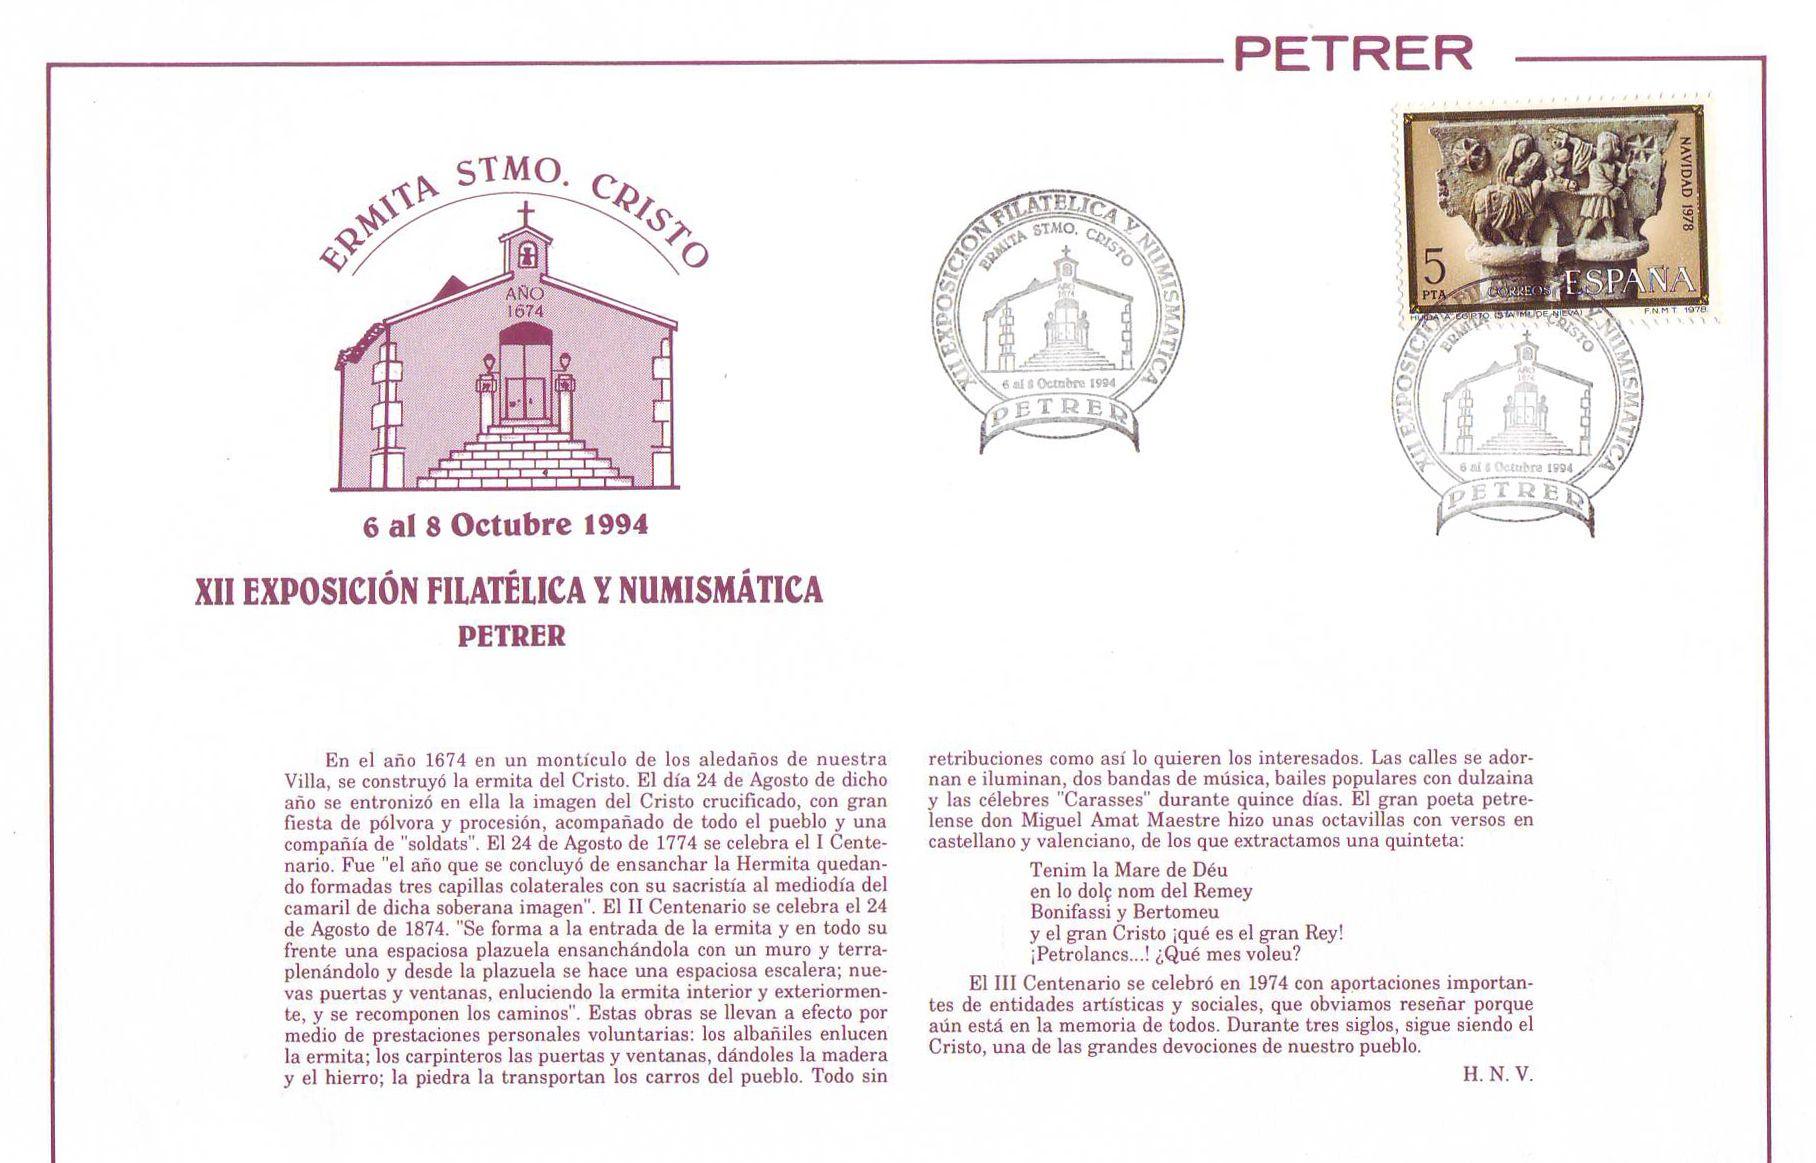 ElCristo - Historia - Socidad Filatélica y Numismática de Petrer - (1994-10-06)